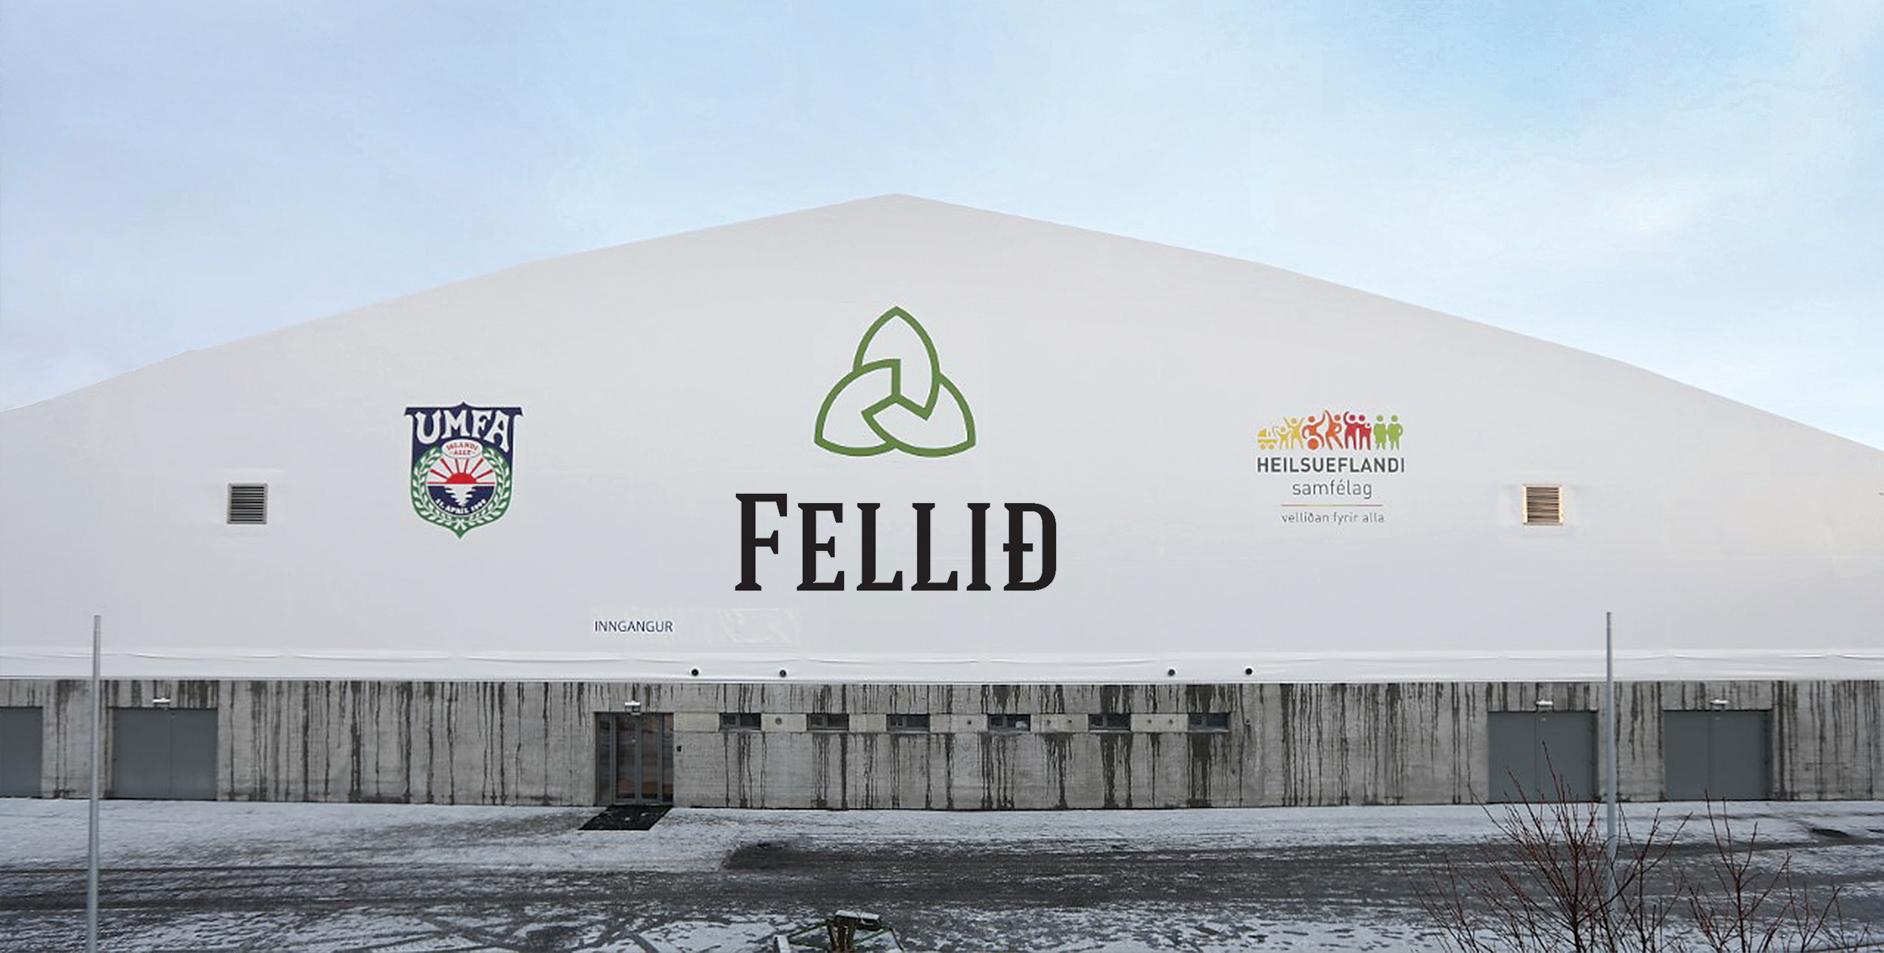 fellid